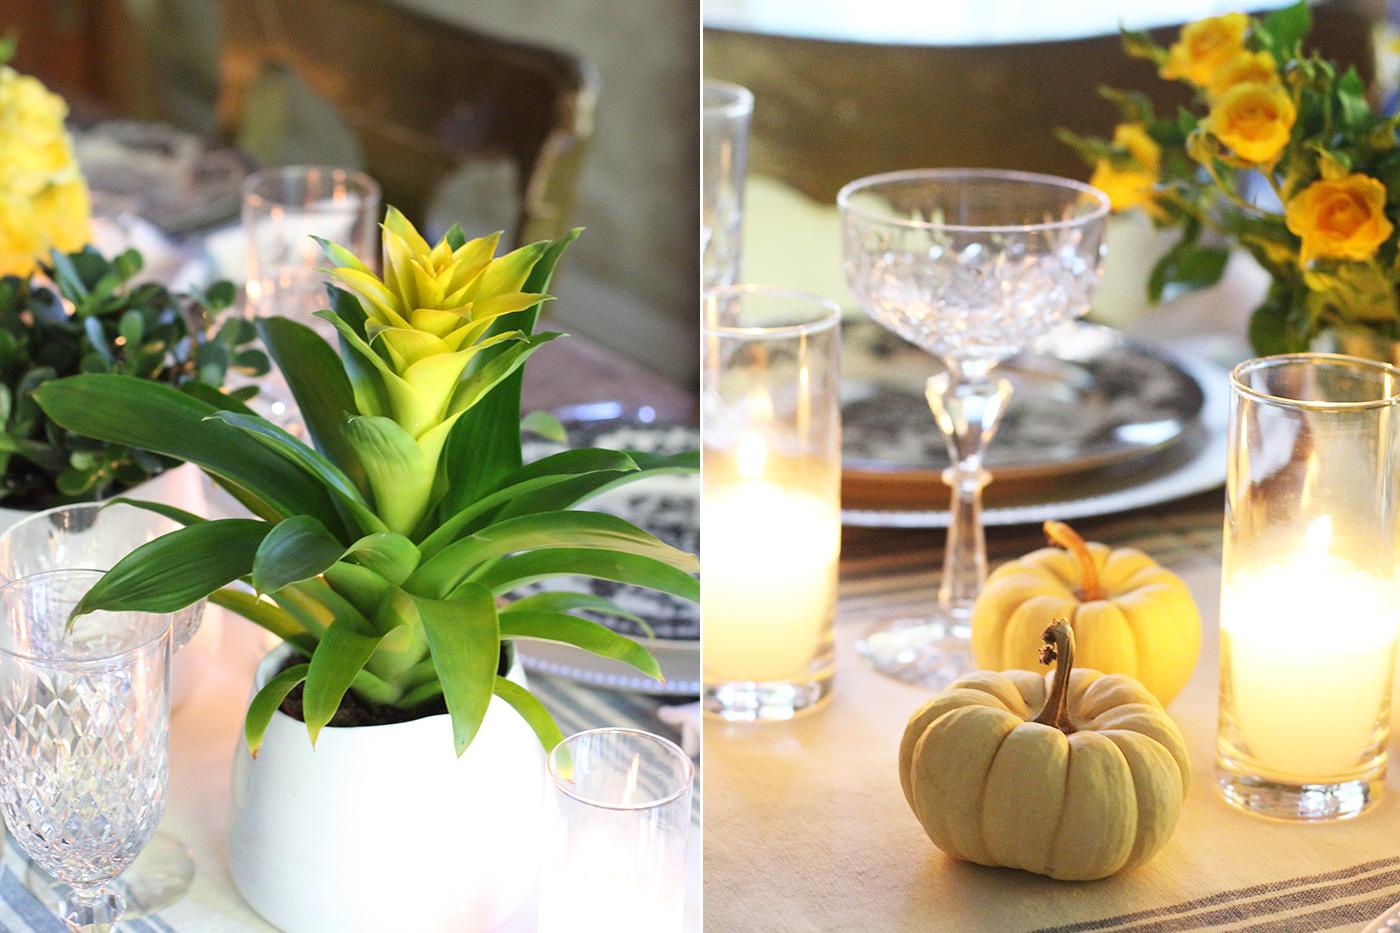 manderley-design-co-thanksgiving-table-setting -2.jpg